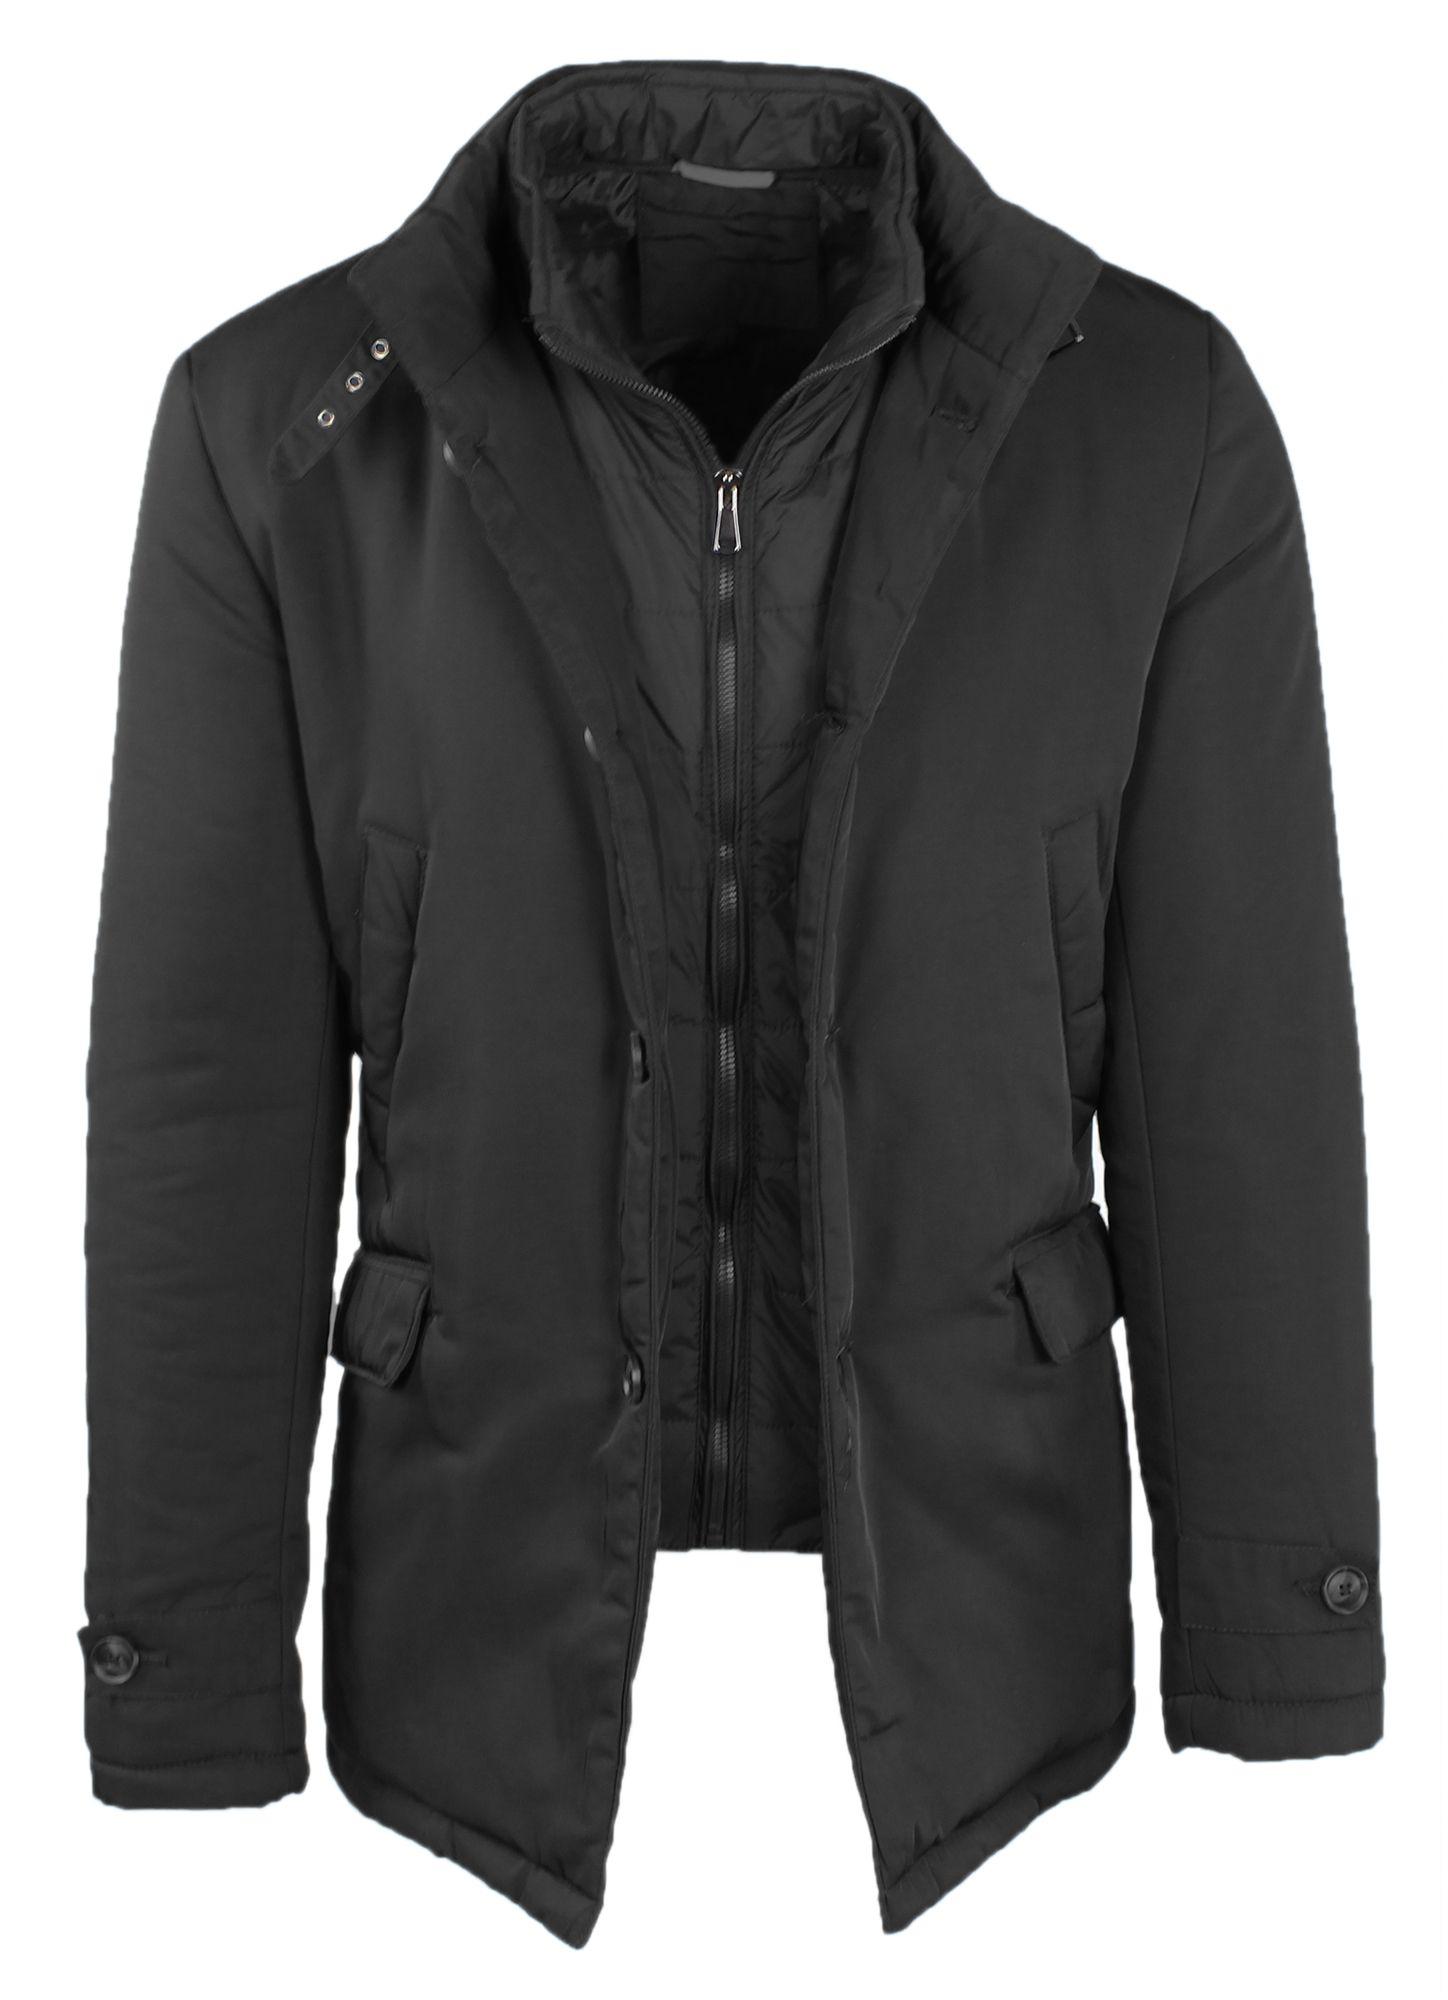 Giubbotto-Uomo-Invernale-Giaccone-Elegante-Giubbino-Sartoriale-Blu-Nero-Cappotto miniatura 10